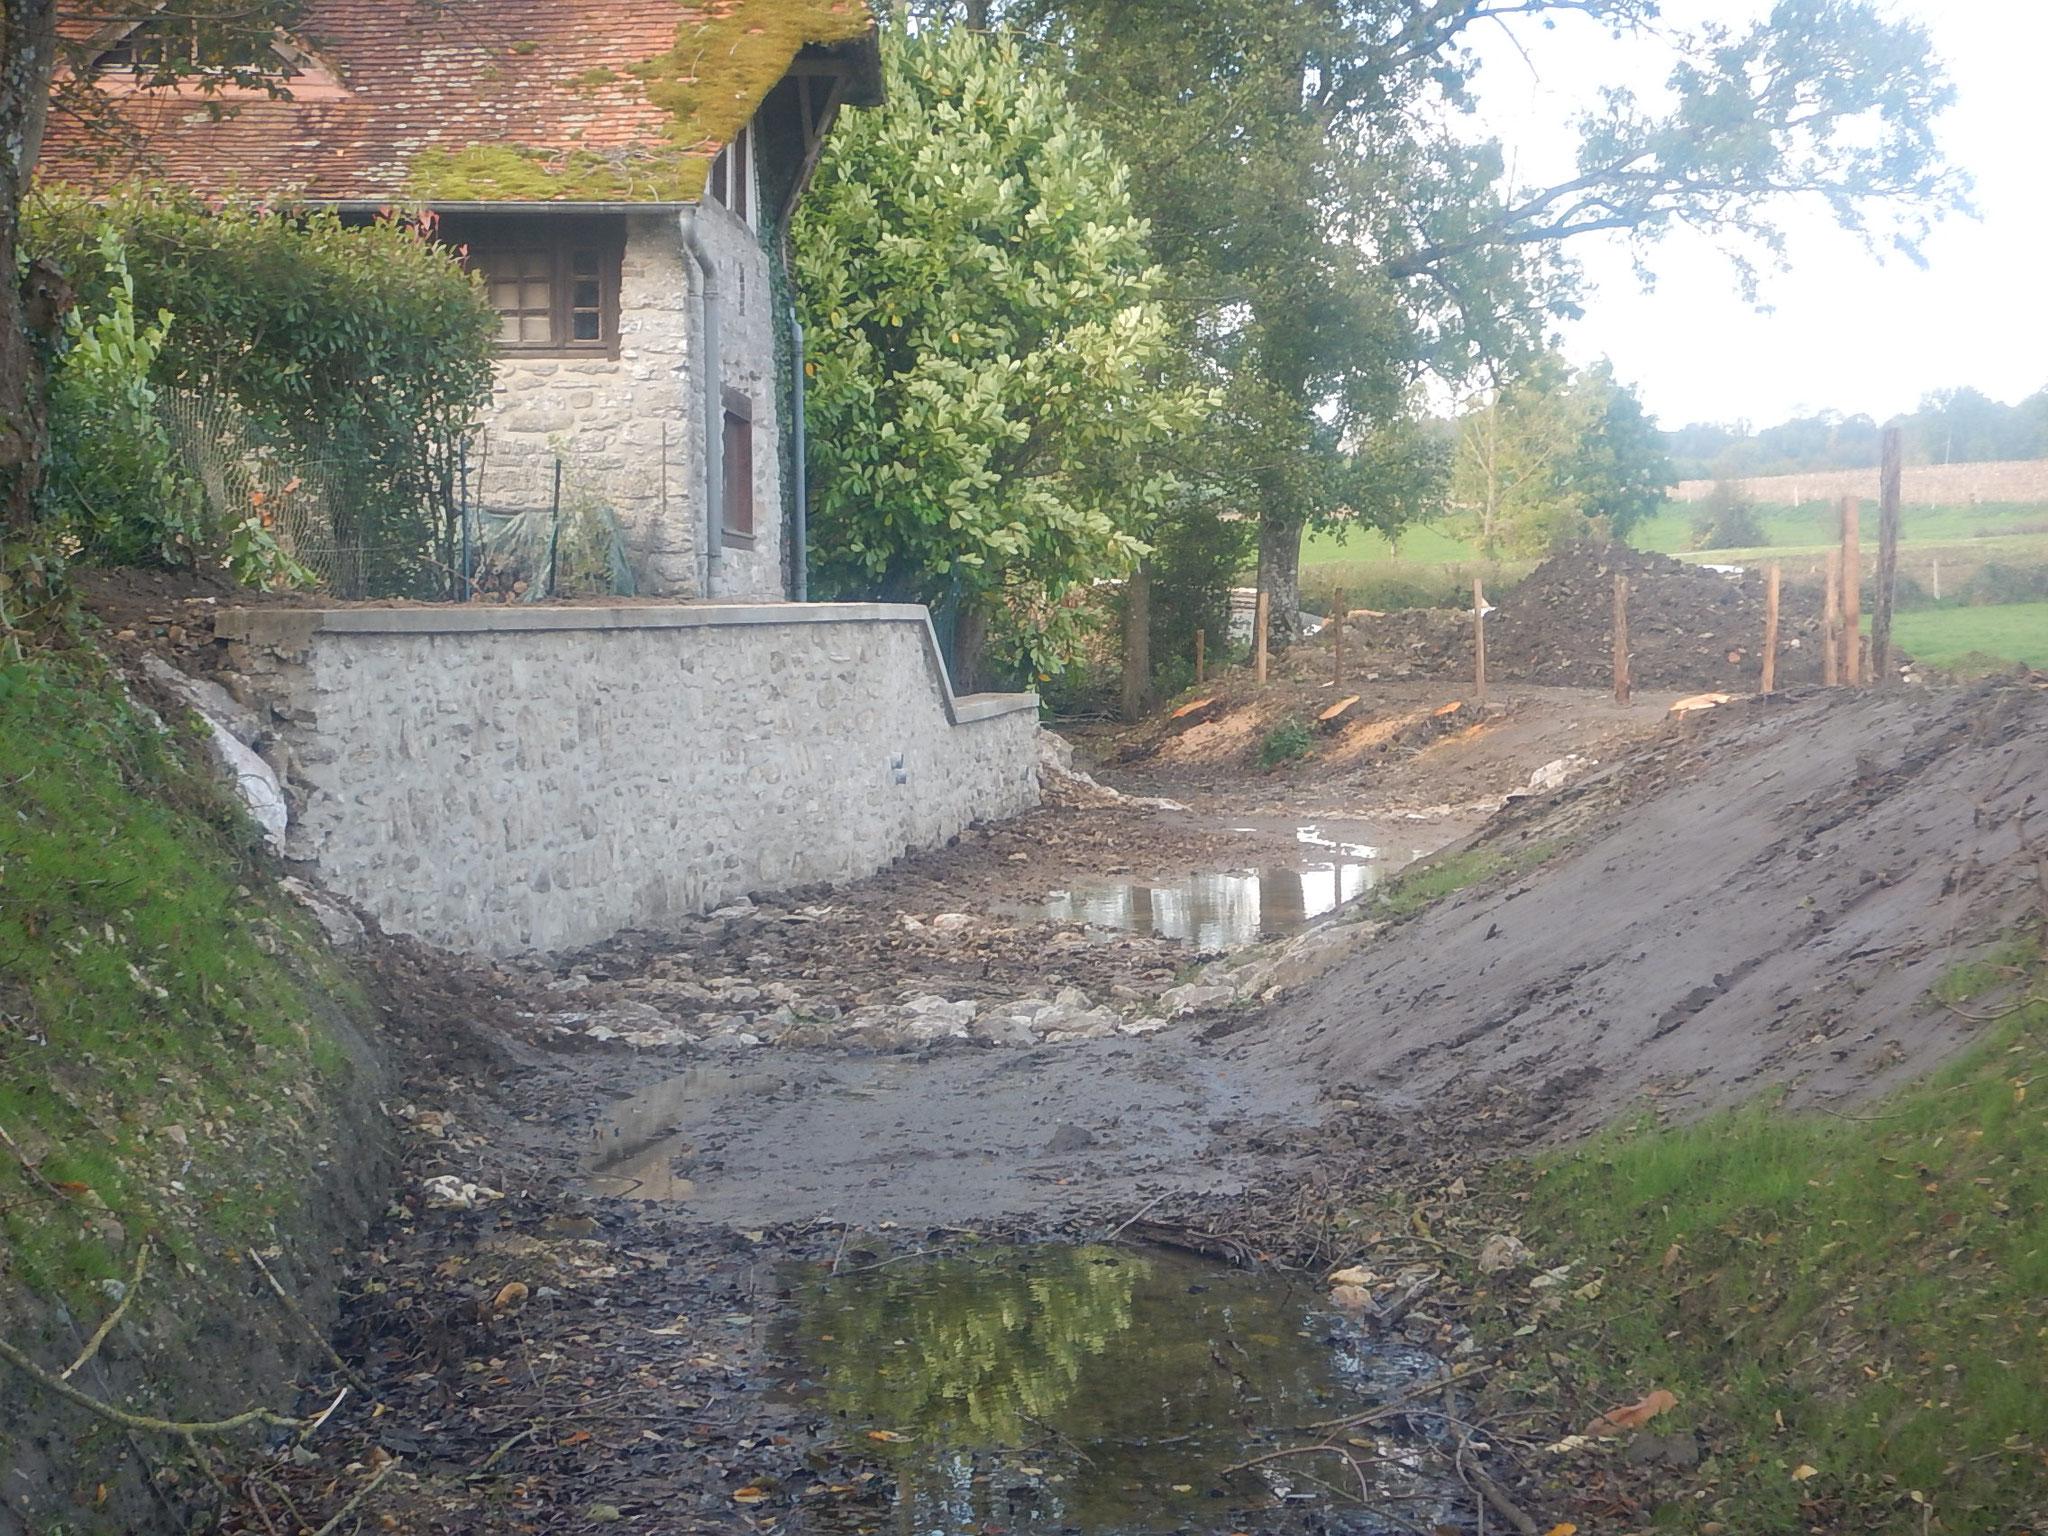 Fin du réglage du fond du lit au droit du moulin avant la mise en eau